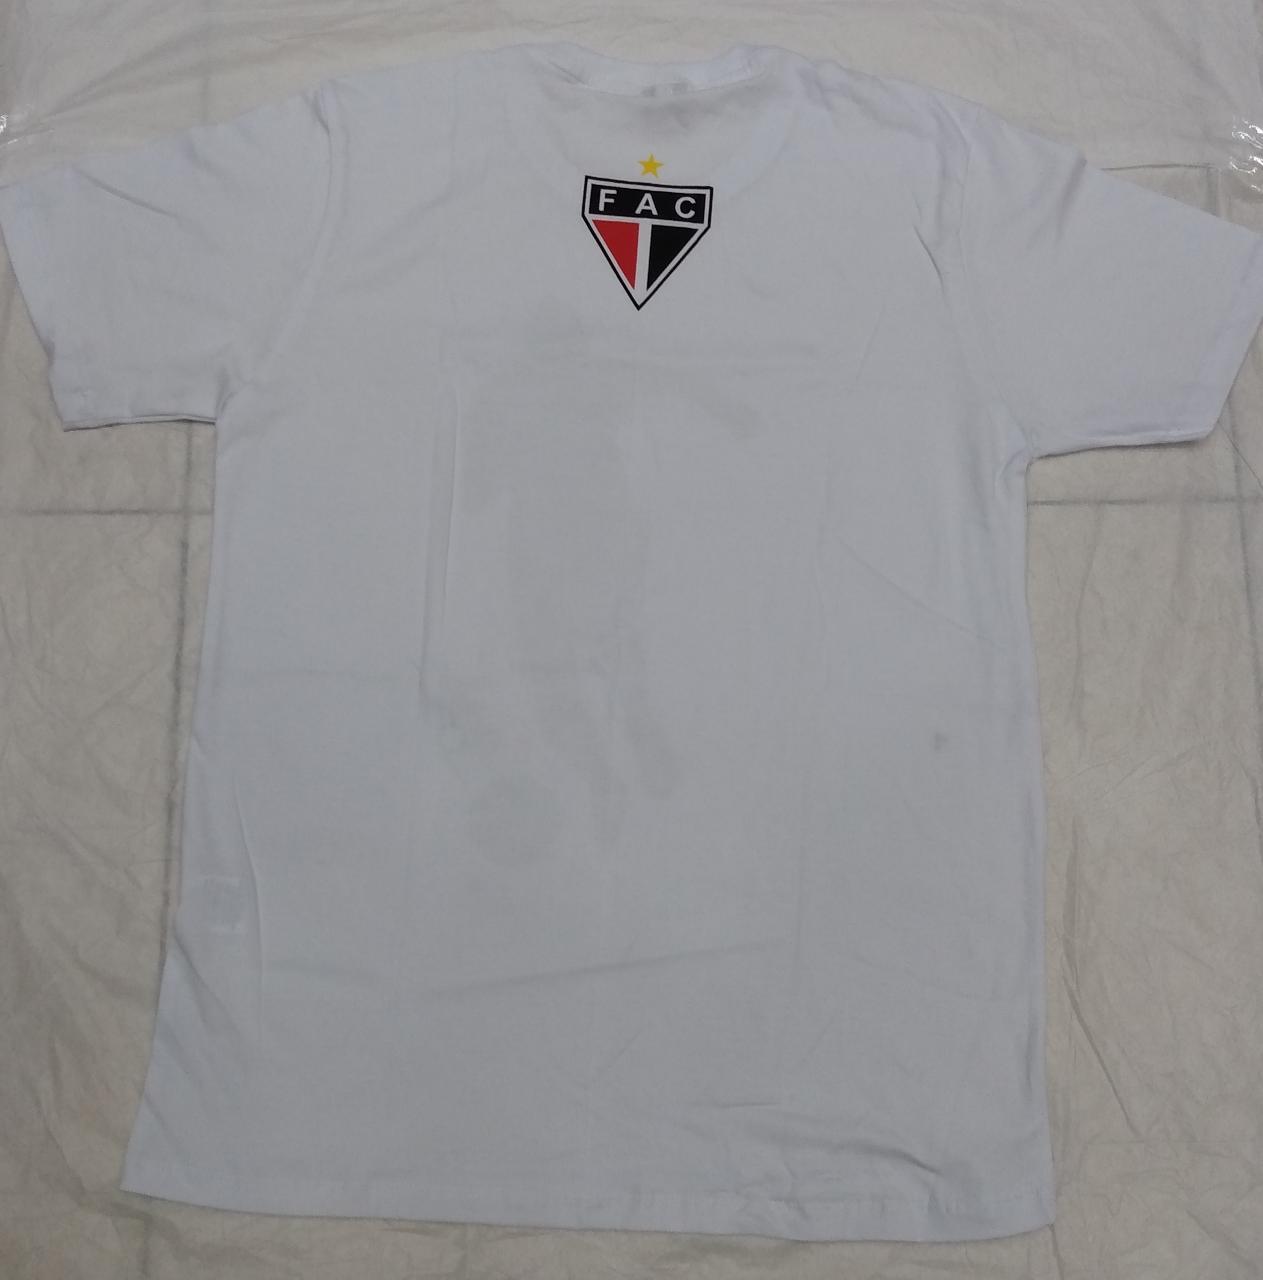 Camisa Ec9  branca  - Ferrão Store